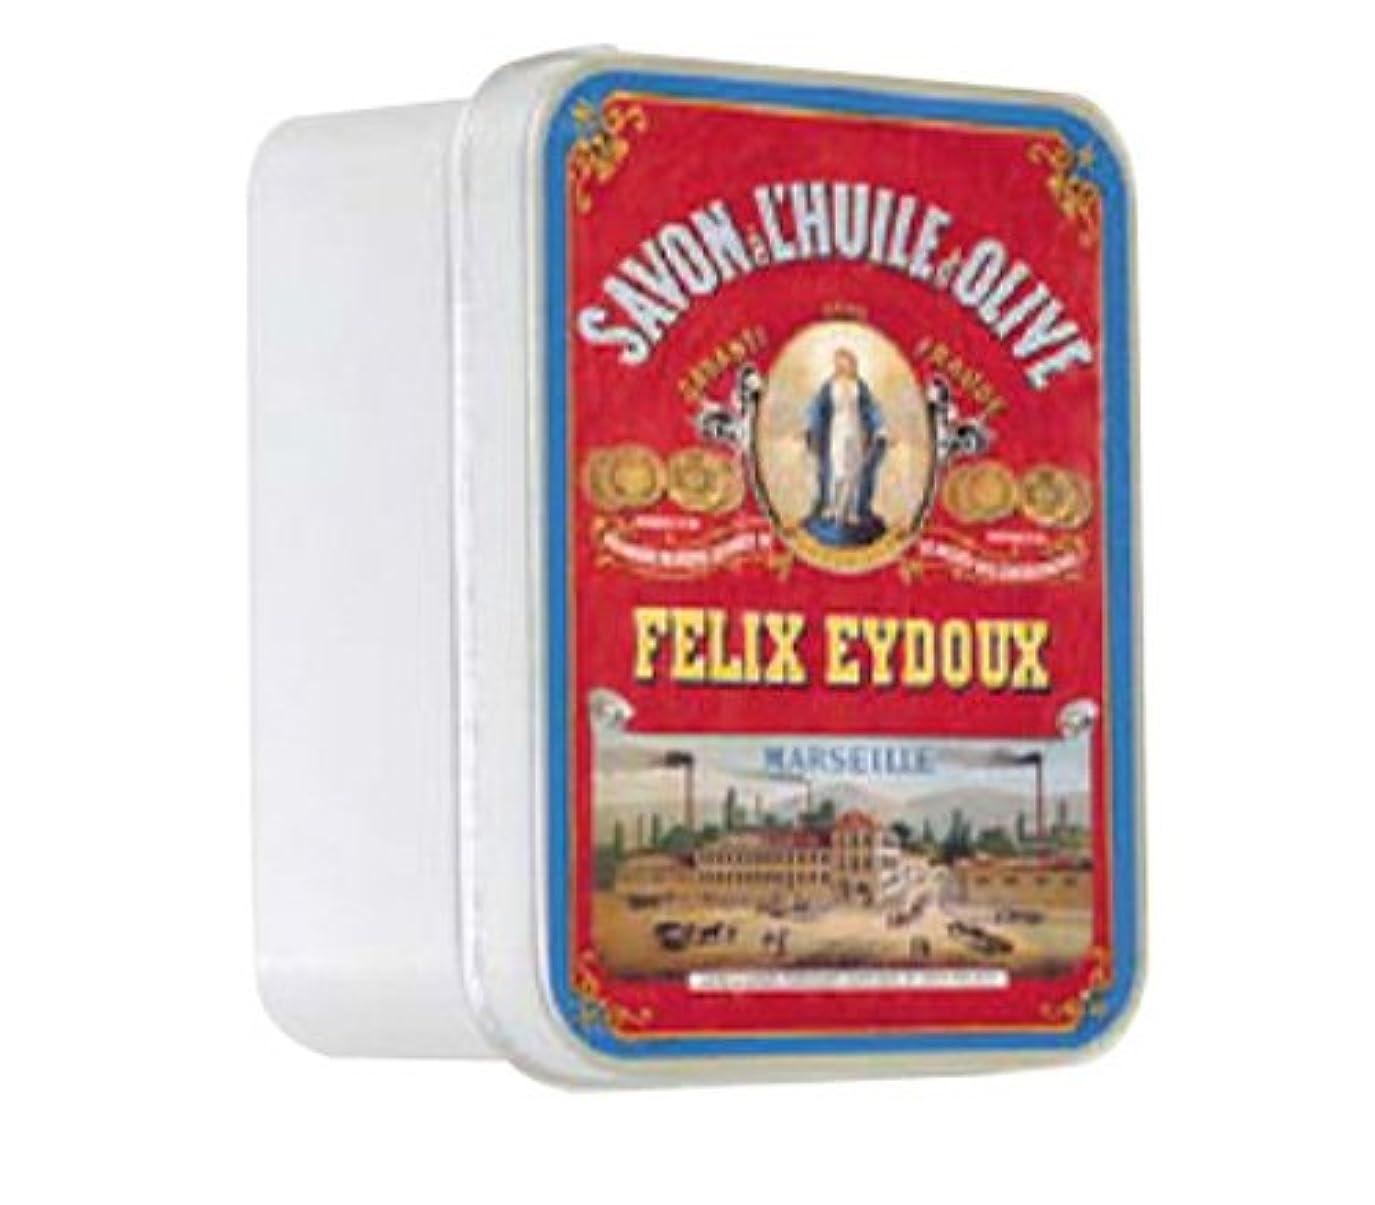 陰謀学習者取り除くルブランソープ メタルボックス(マルセイユソープ?オリーブの香り)石鹸